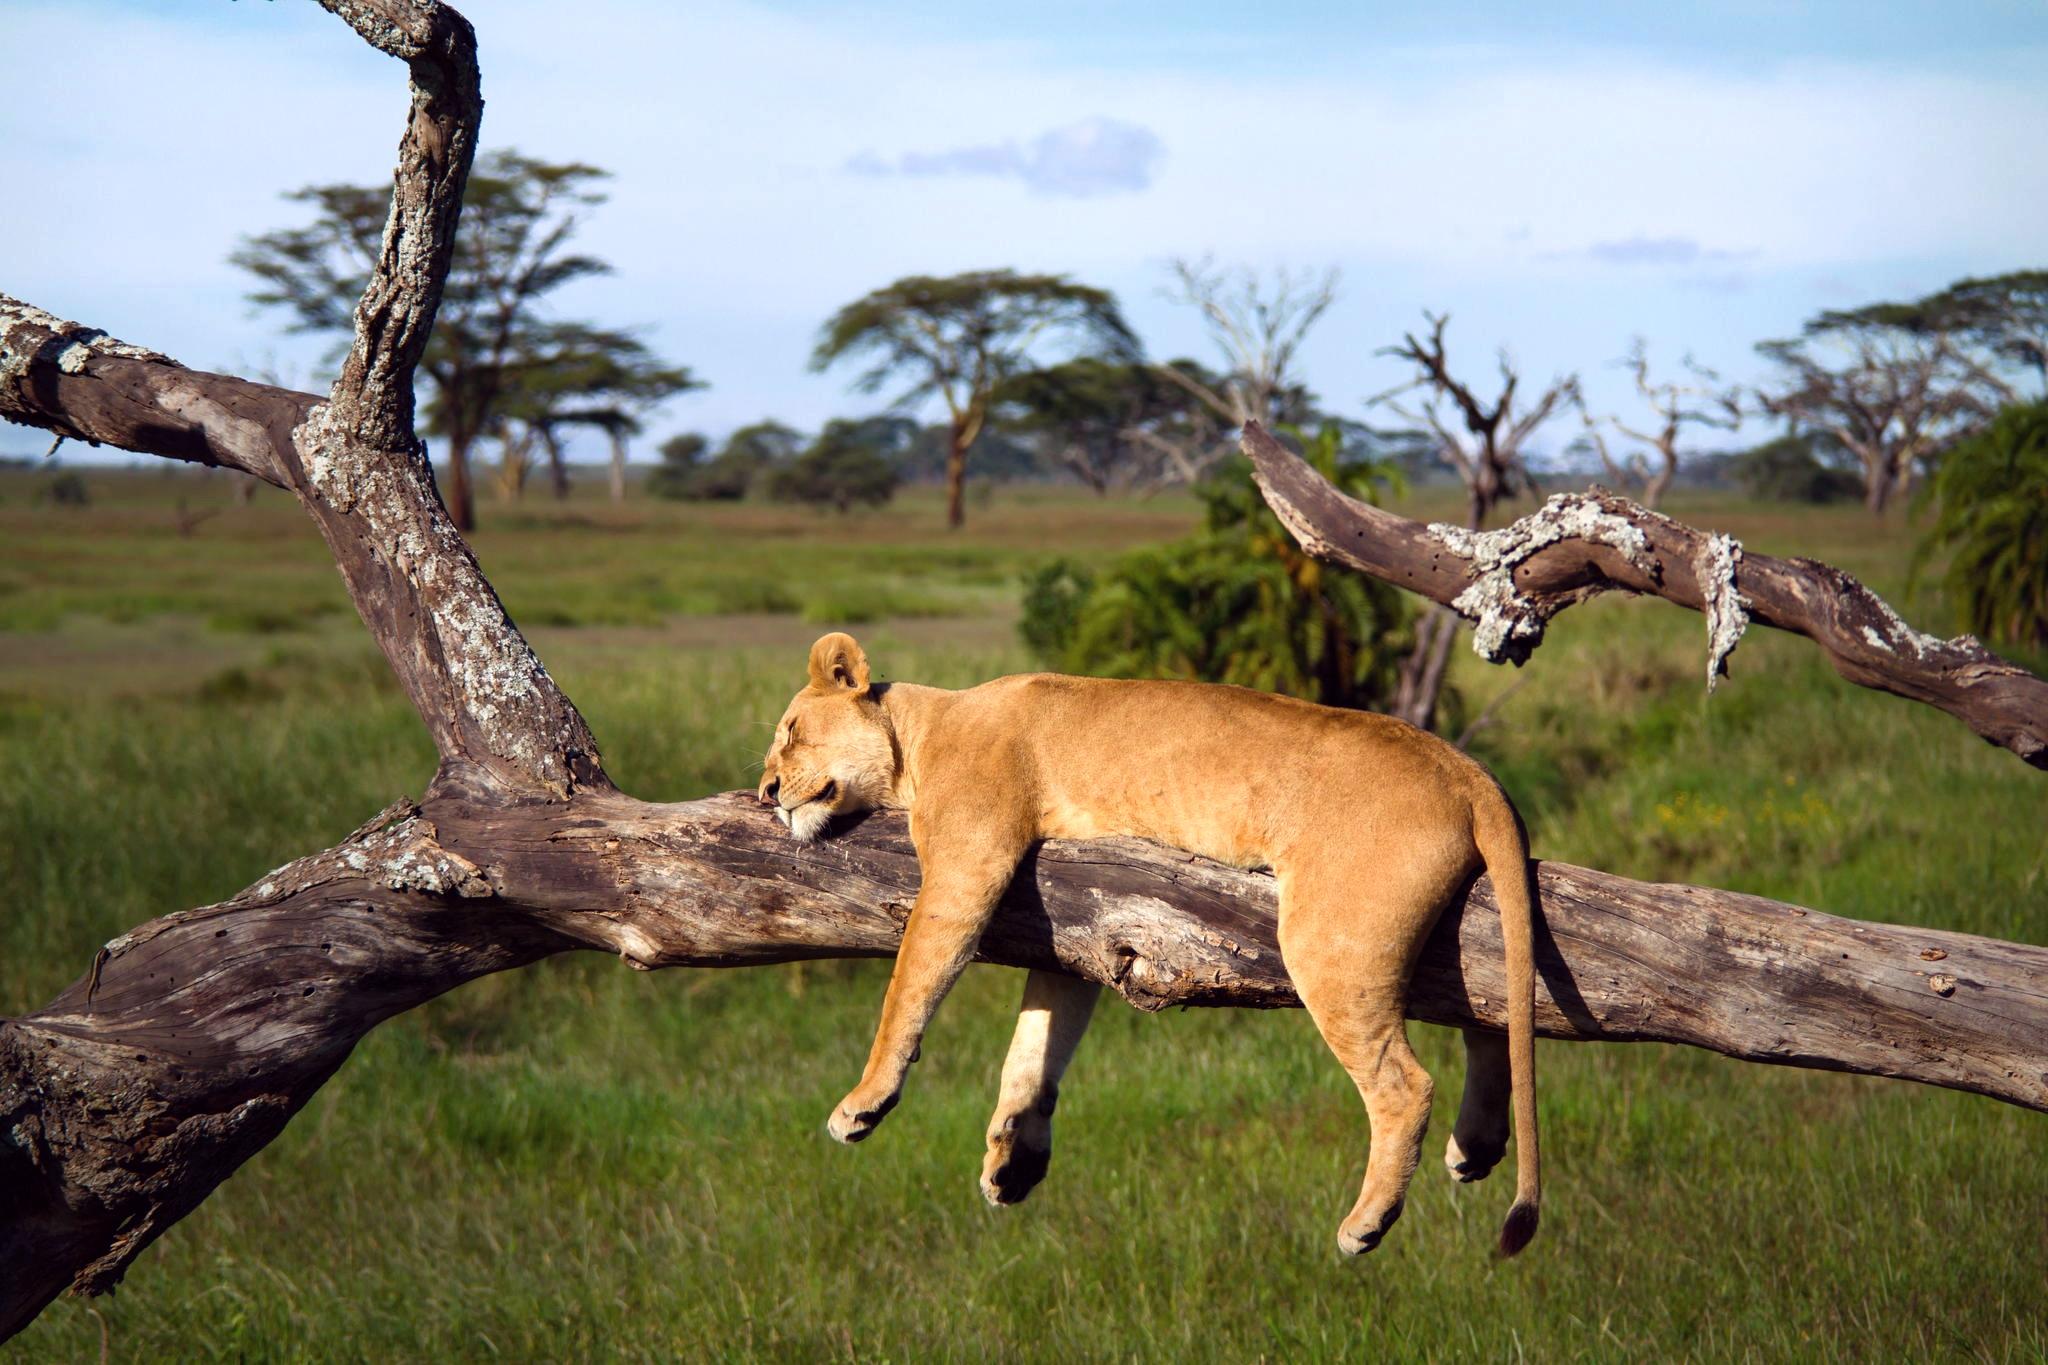 природа животные Гепарды камни трава дерево горизонт  № 276740  скачать